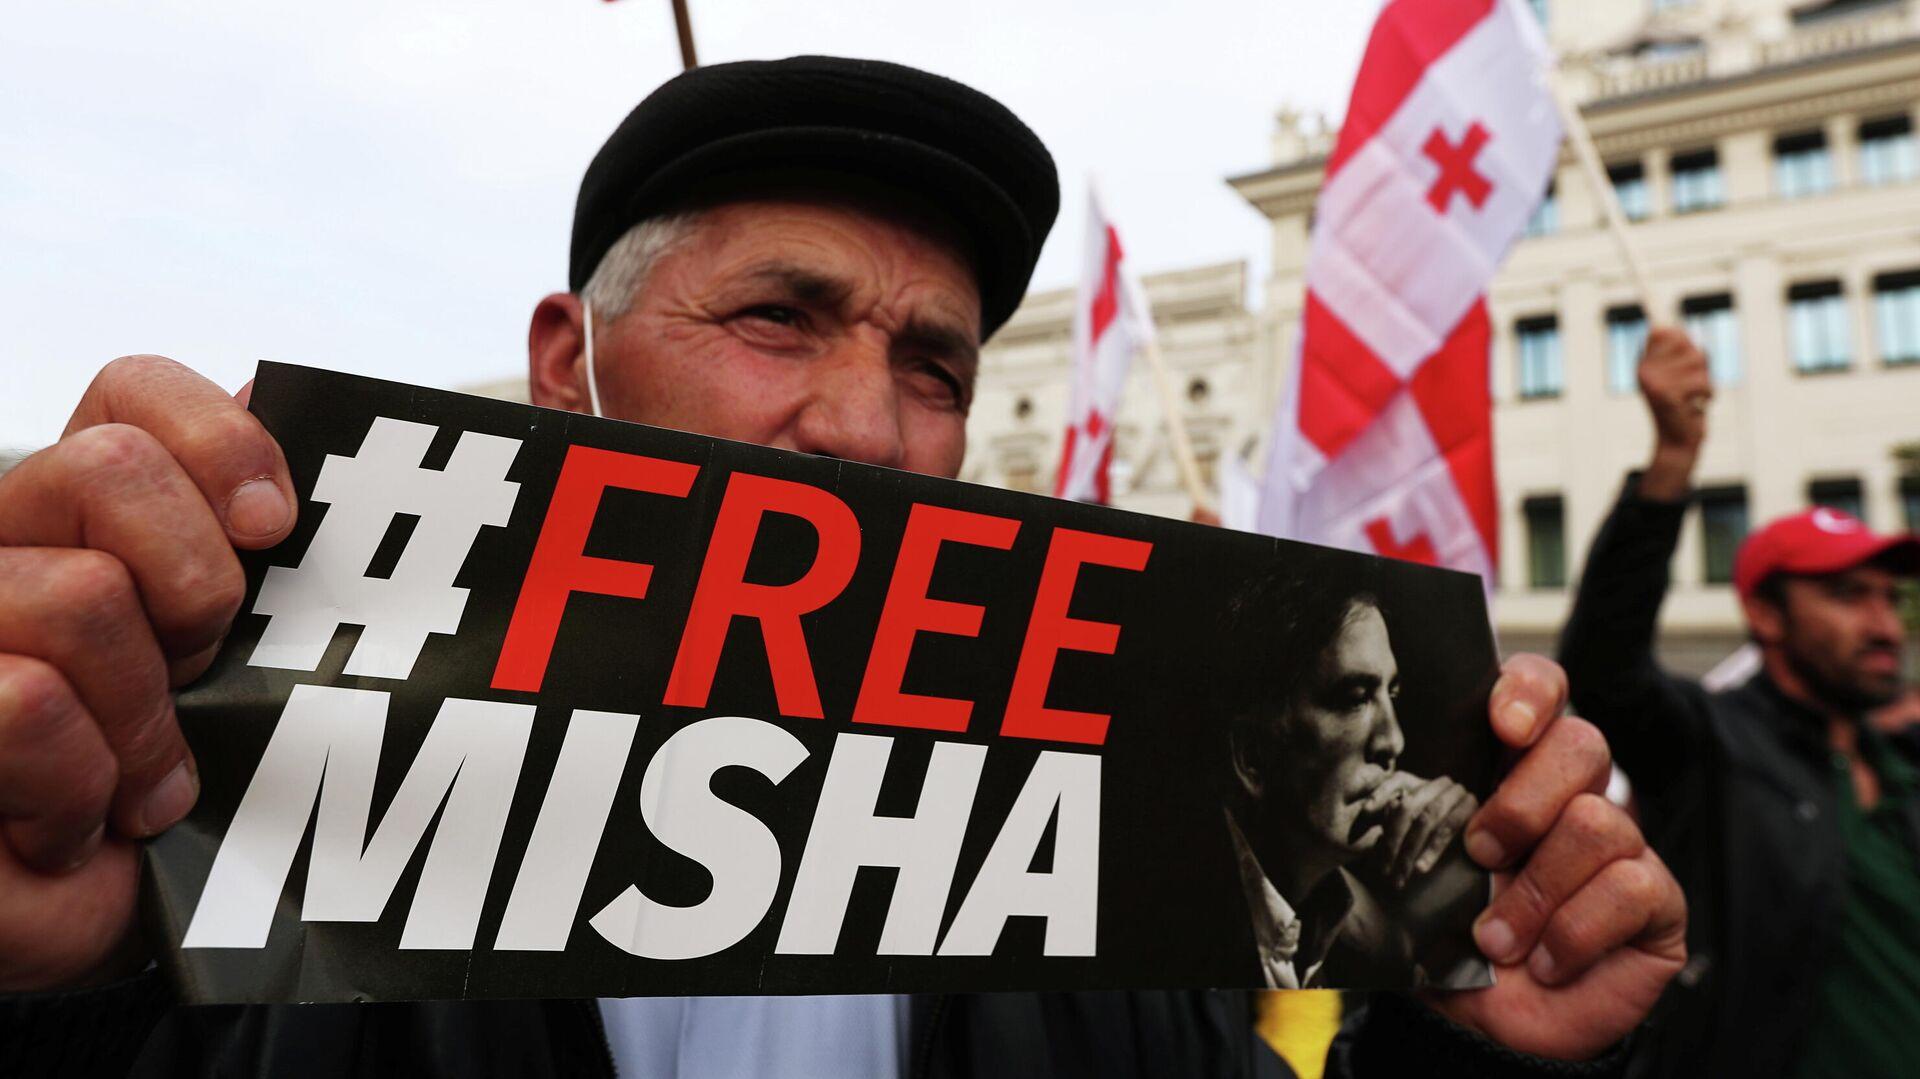 Protestan por liberación de Saakashvili - Sputnik Mundo, 1920, 14.10.2021